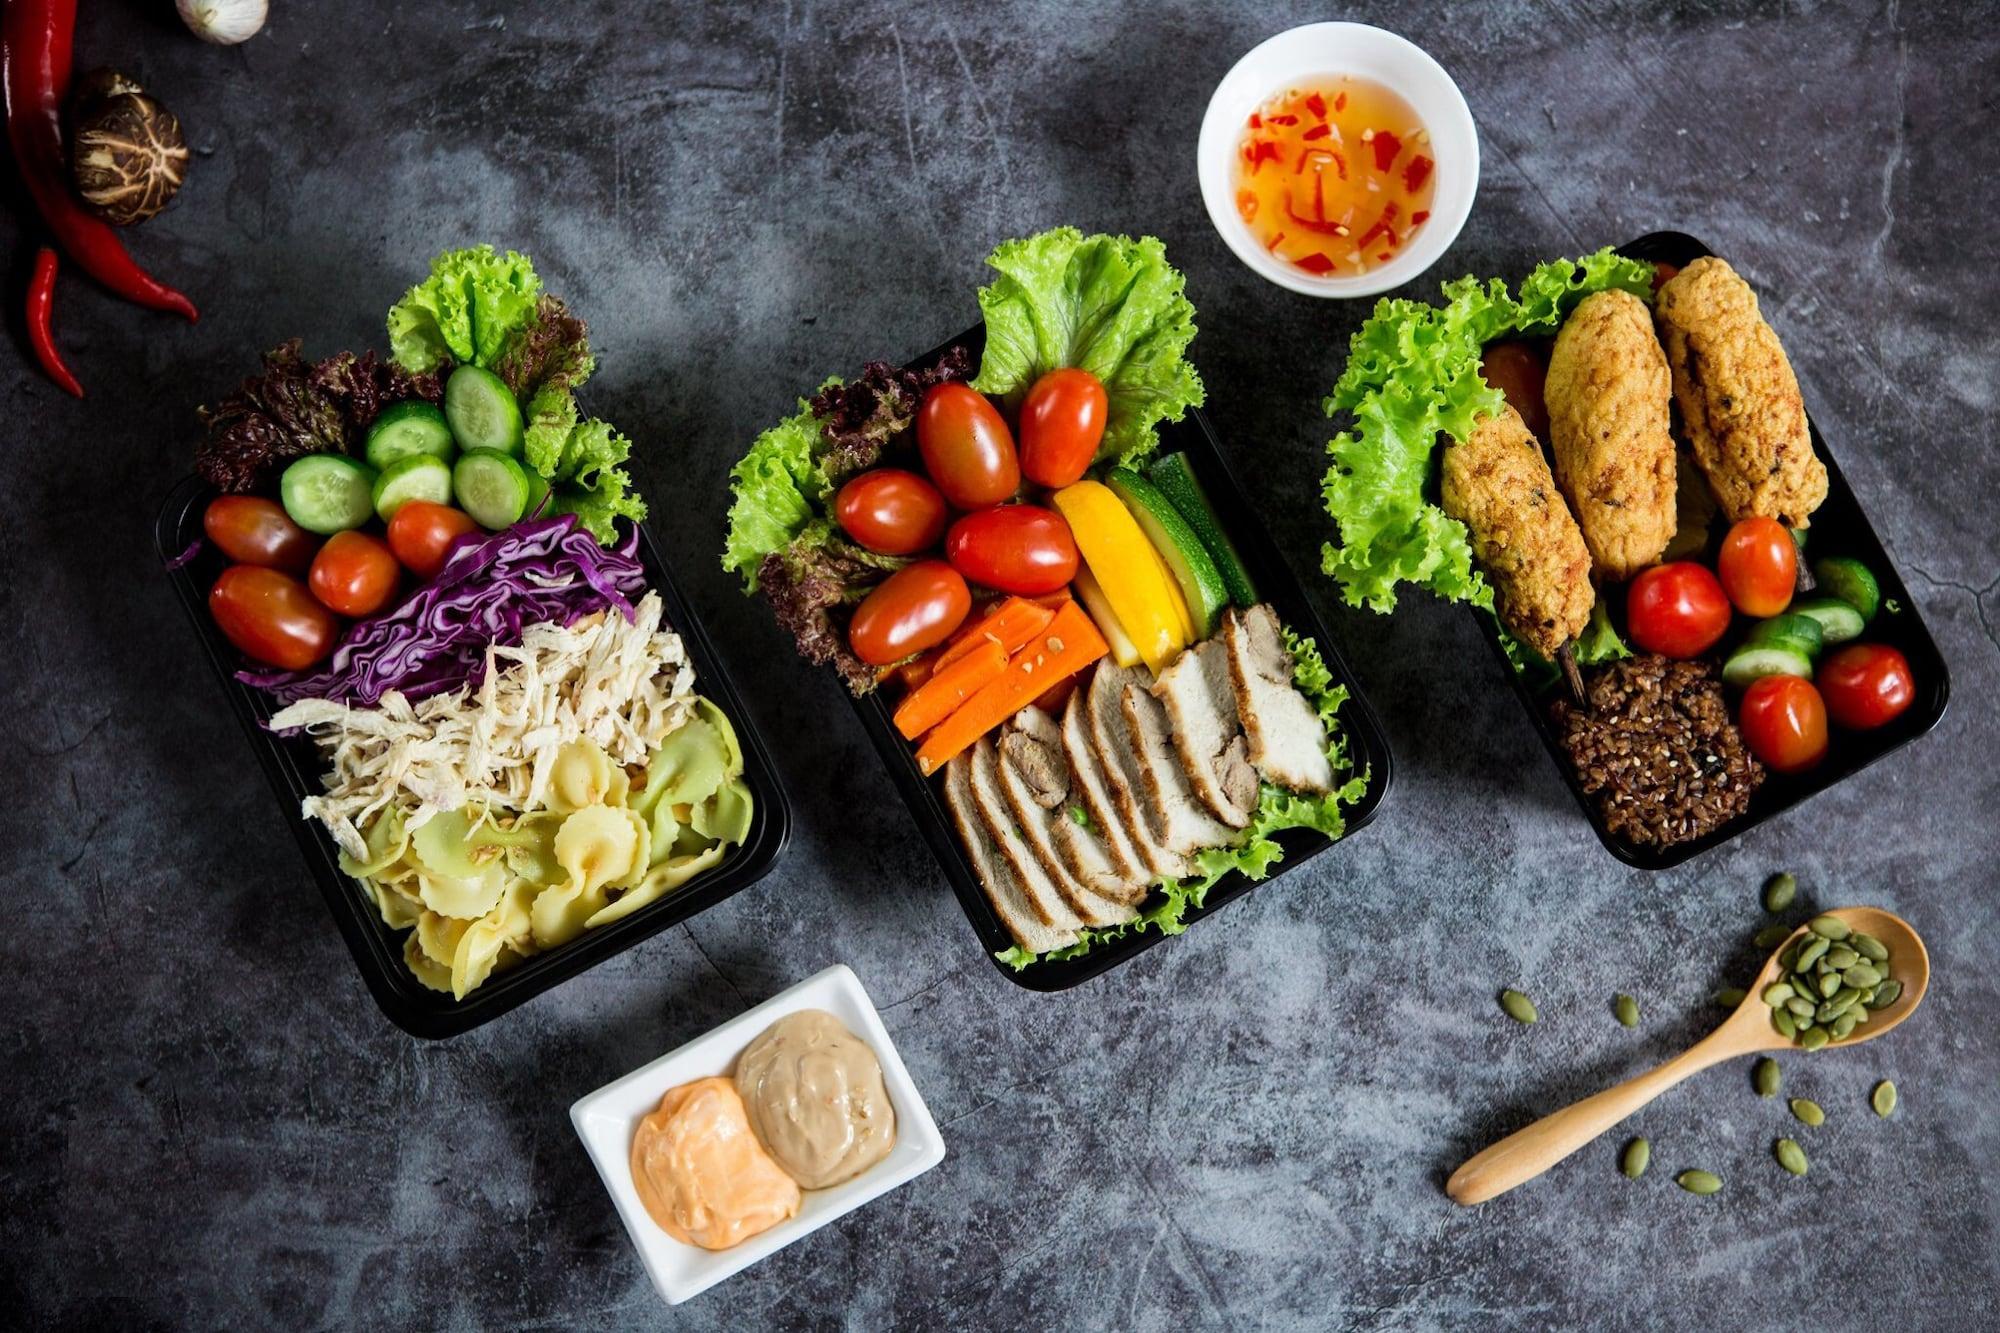 8 Địa điểm tại Sài Gòn đơn giản hoá phong cách ăn uống healthy